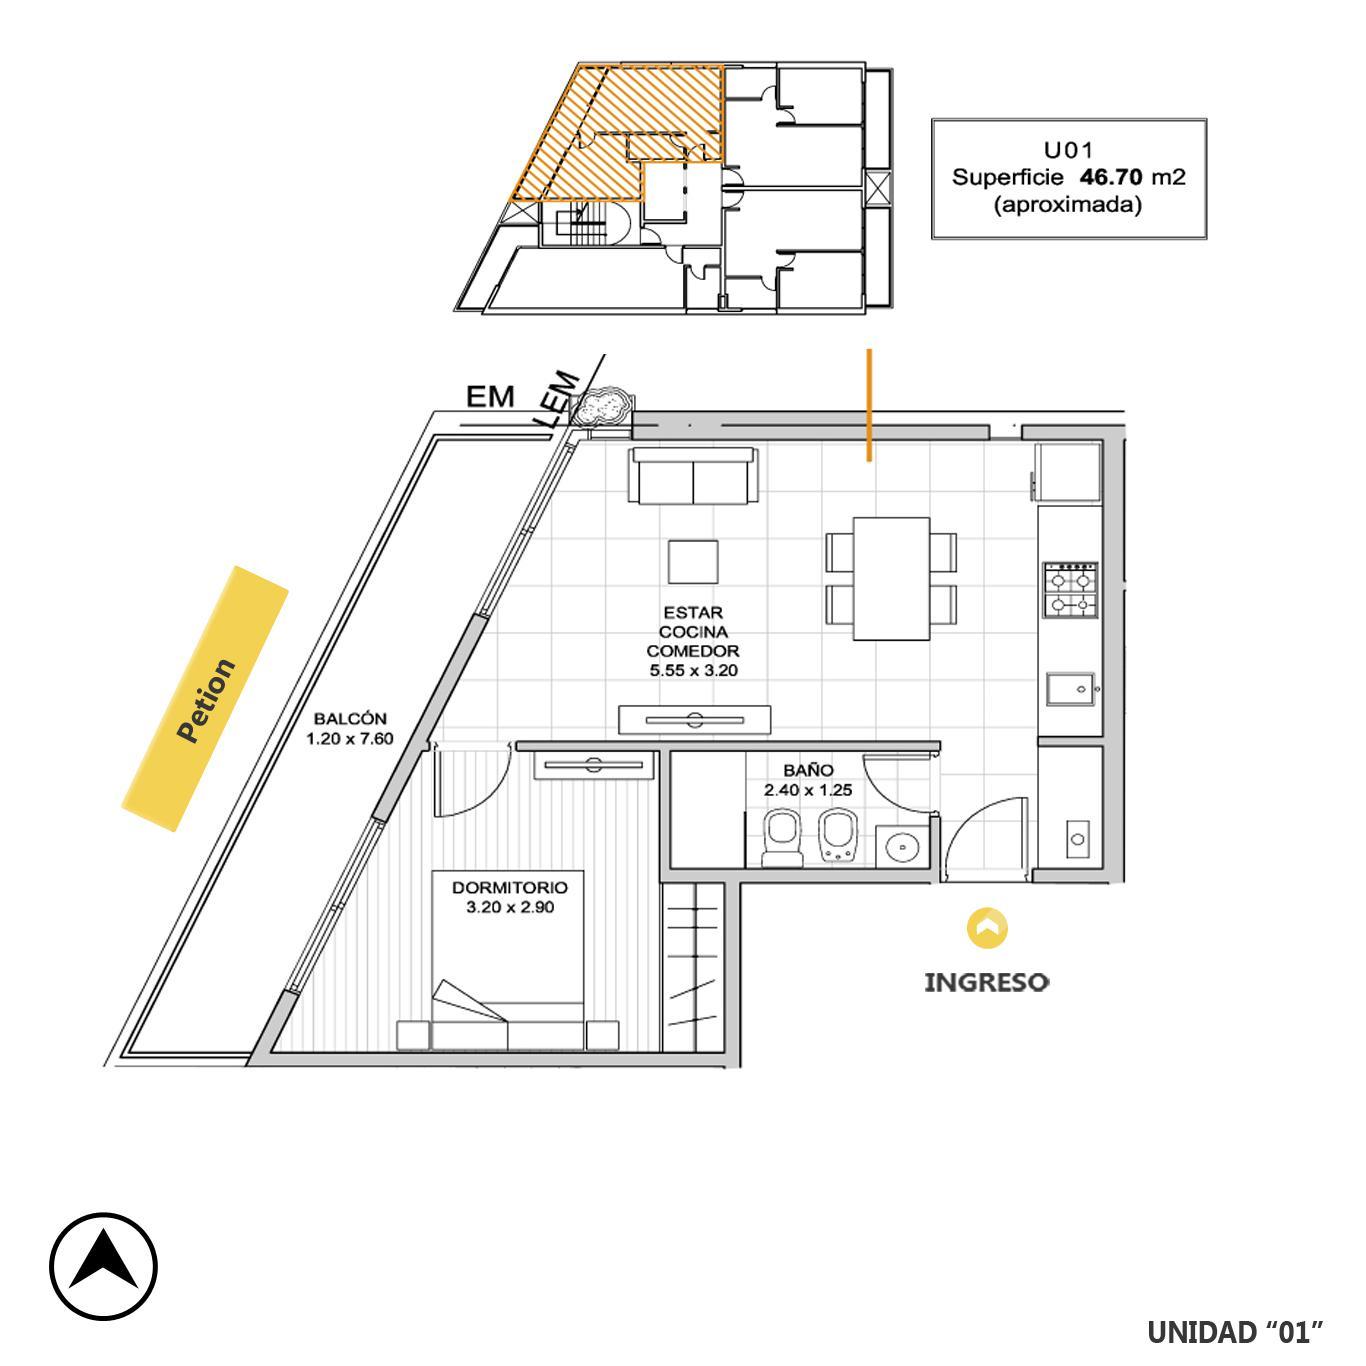 Venta departamento 1 dormitorio Rosario, Remedios De Escalada De San Martin. Cod CBU23216 AP2197034. Crestale Propiedades